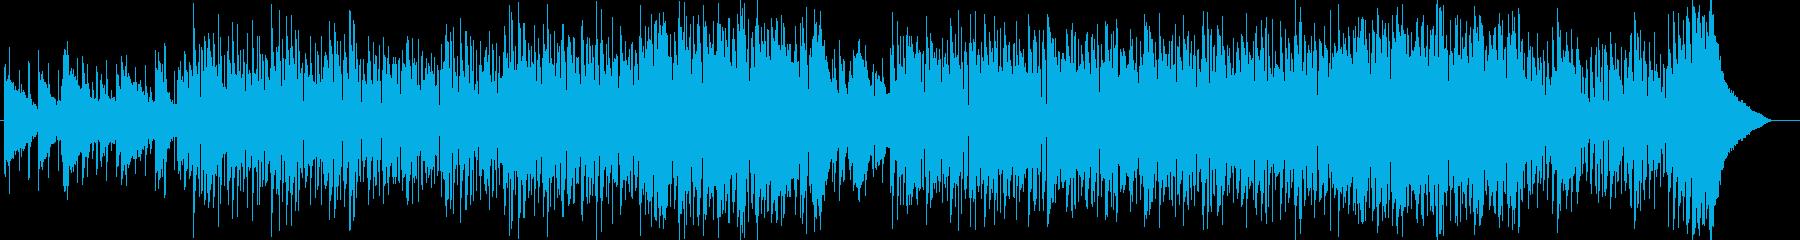 ドラマチックなシンセサイザーサウンドの再生済みの波形